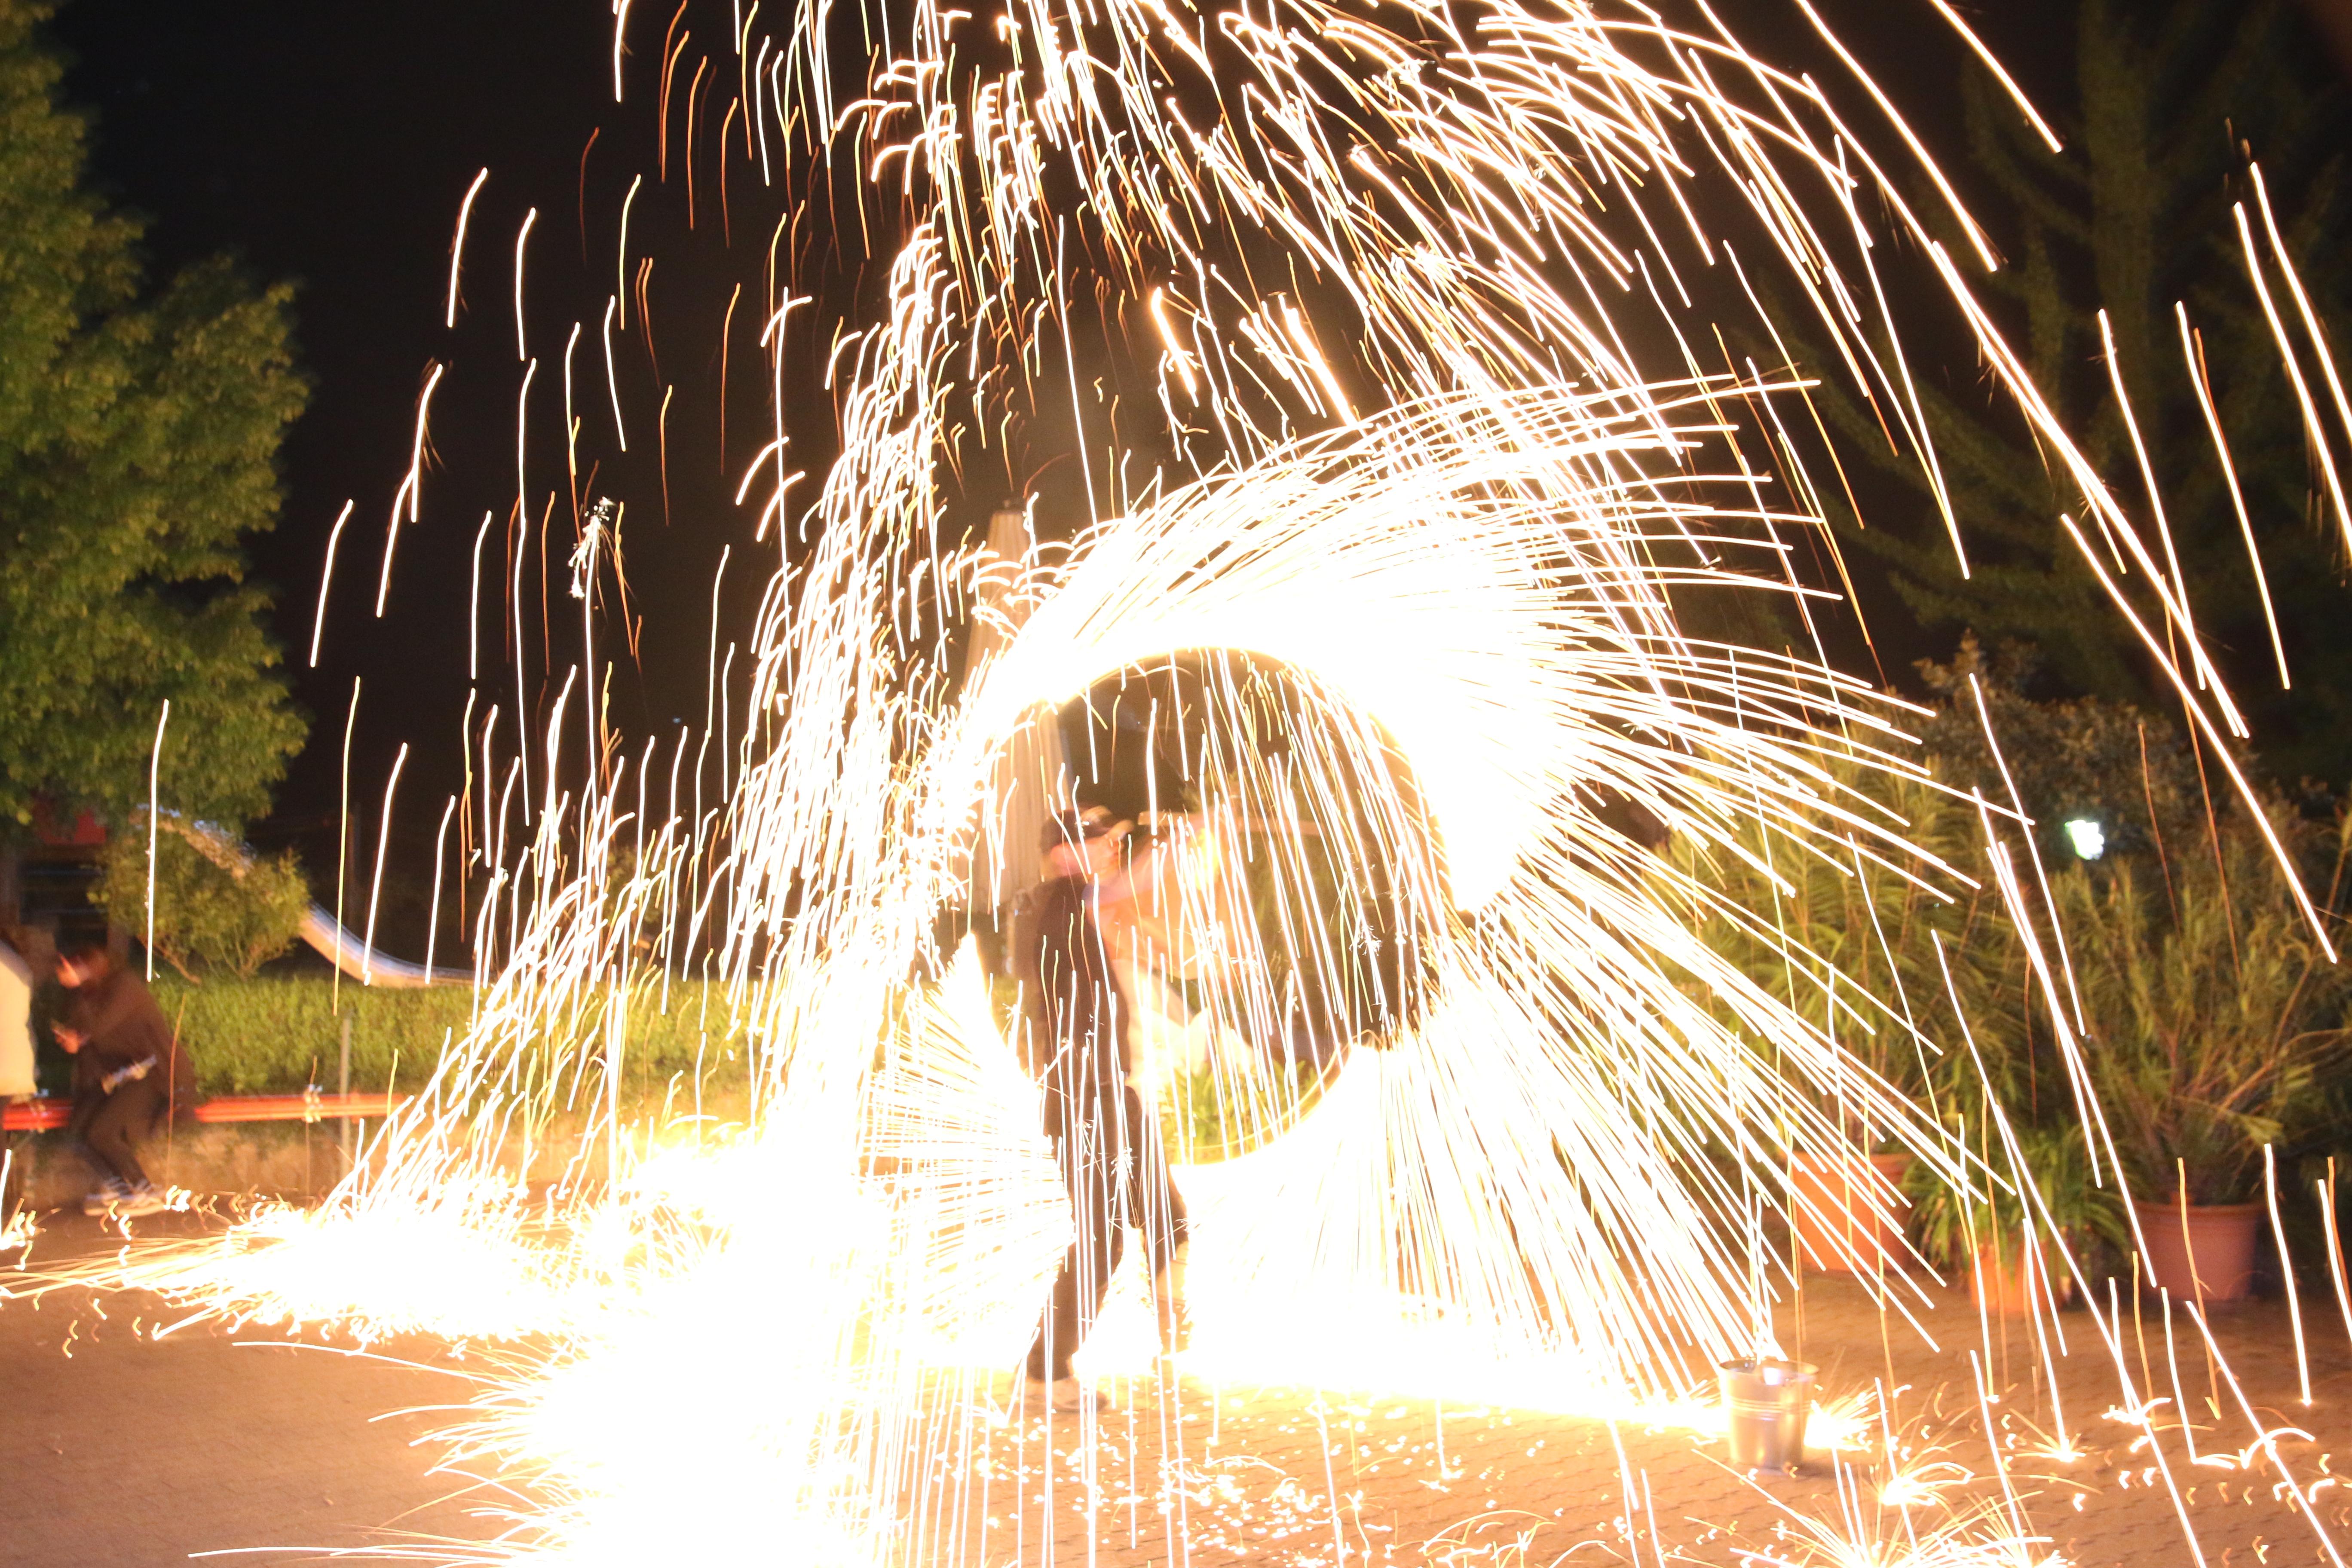 Feuerspiele Inszenierung - Feuer & Flamme Party